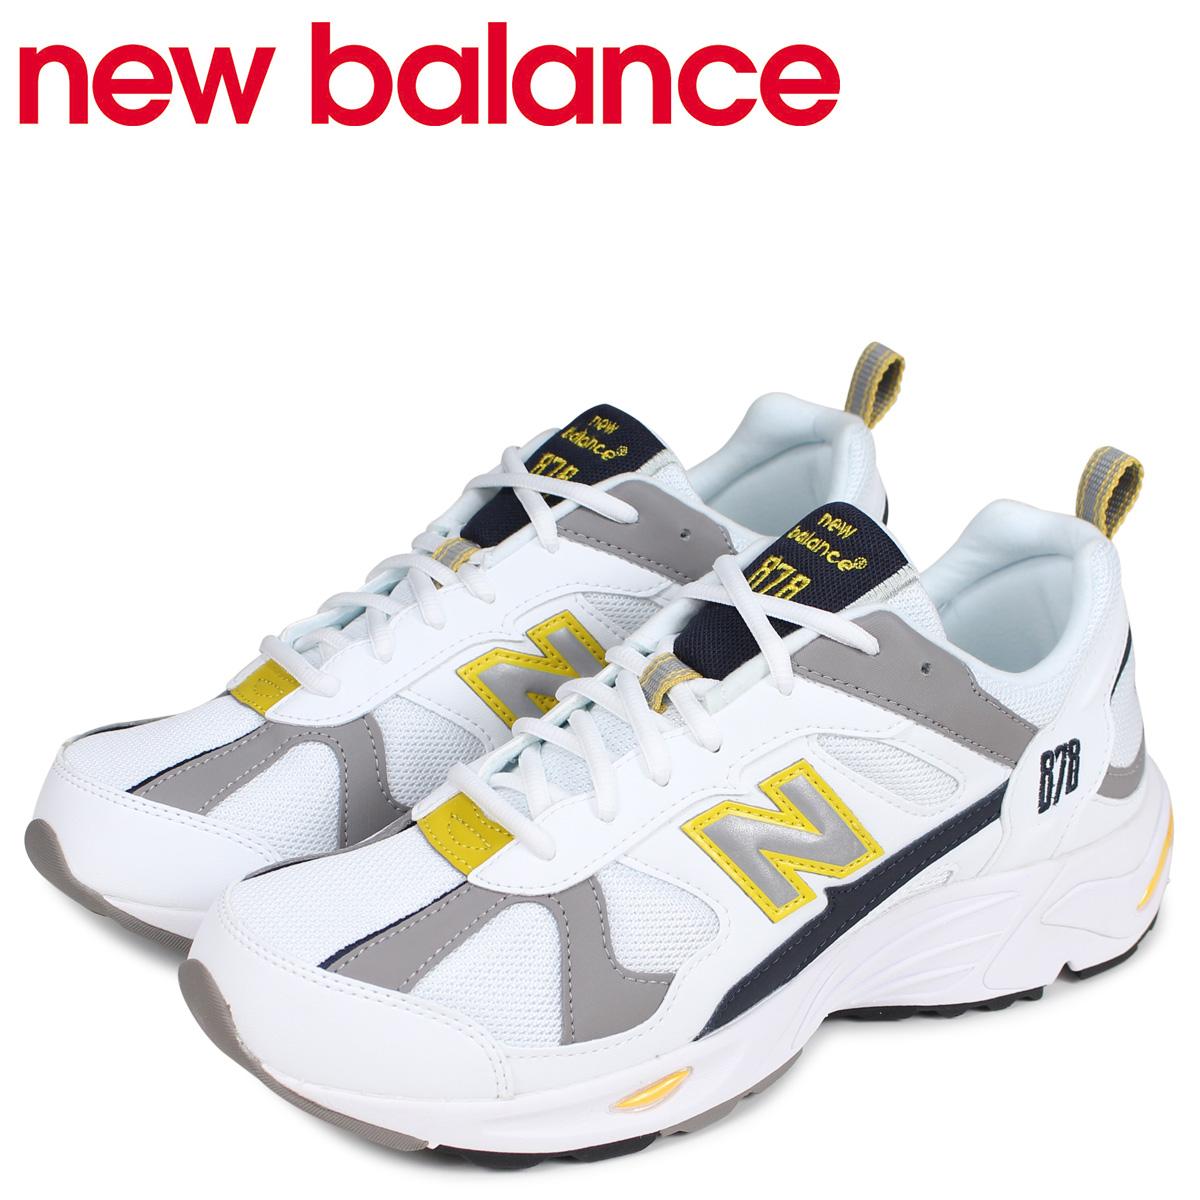 new balance ニューバランス スニーカー メンズ Dワイズ ホワイト 白 CM878TCA